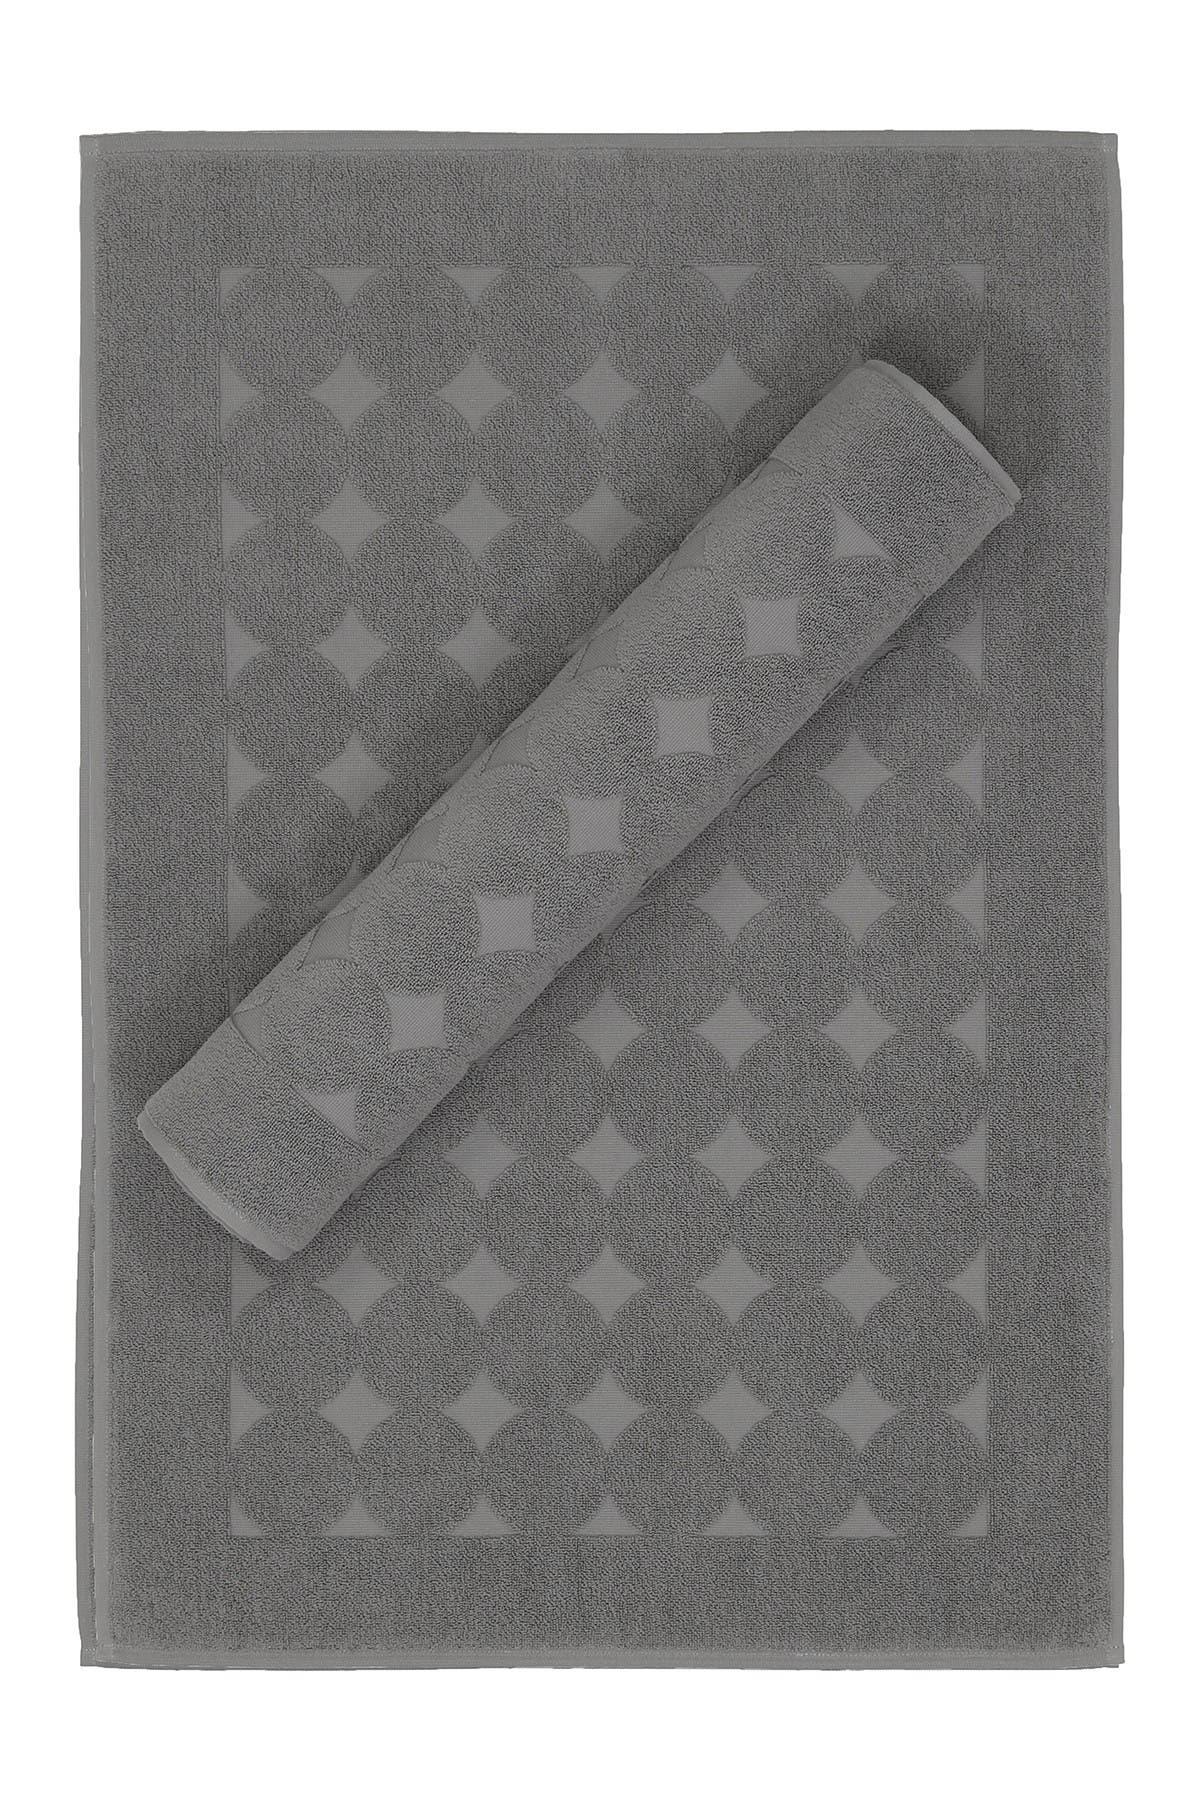 Image of LINUM TOWELS Sinemis Circle Design Bath Mats - Set of 2 - Dark Grey